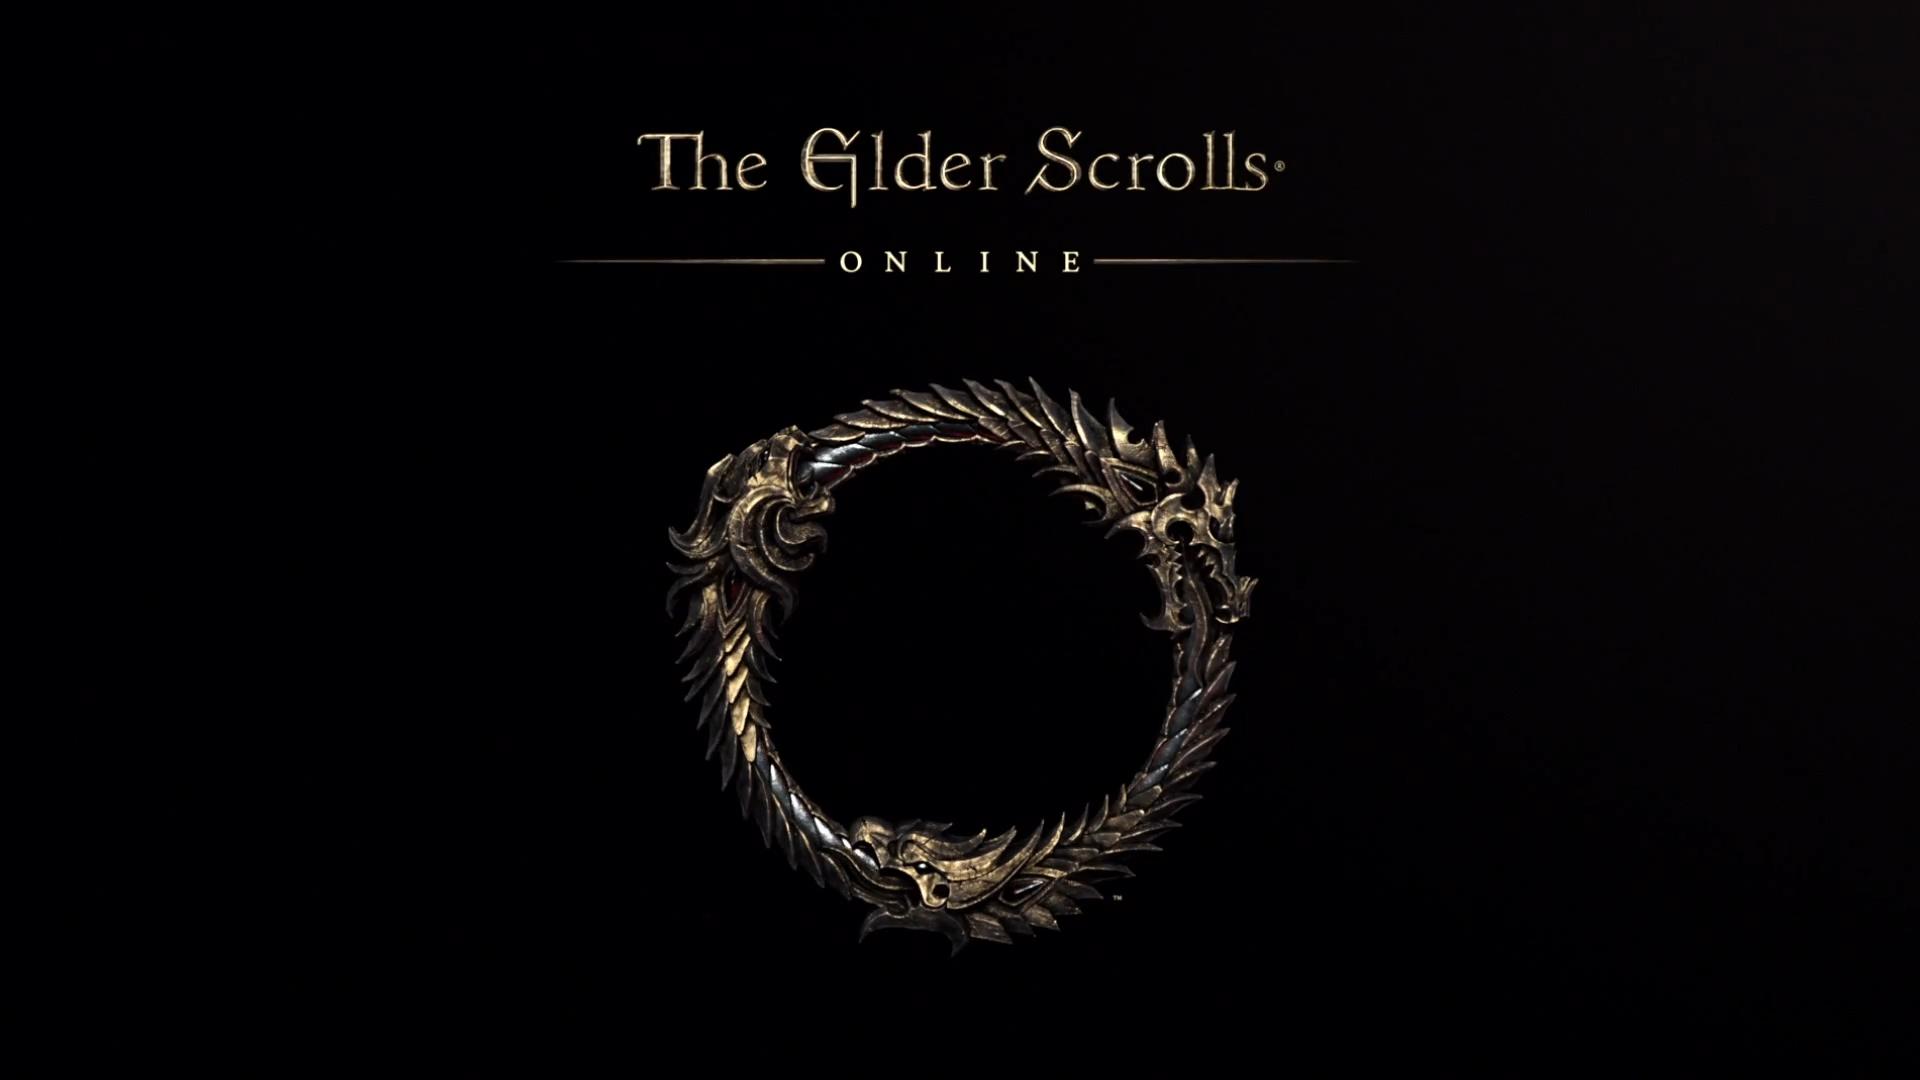 47 Elder Scrolls Online Iphone Wallpaper On Wallpapersafari